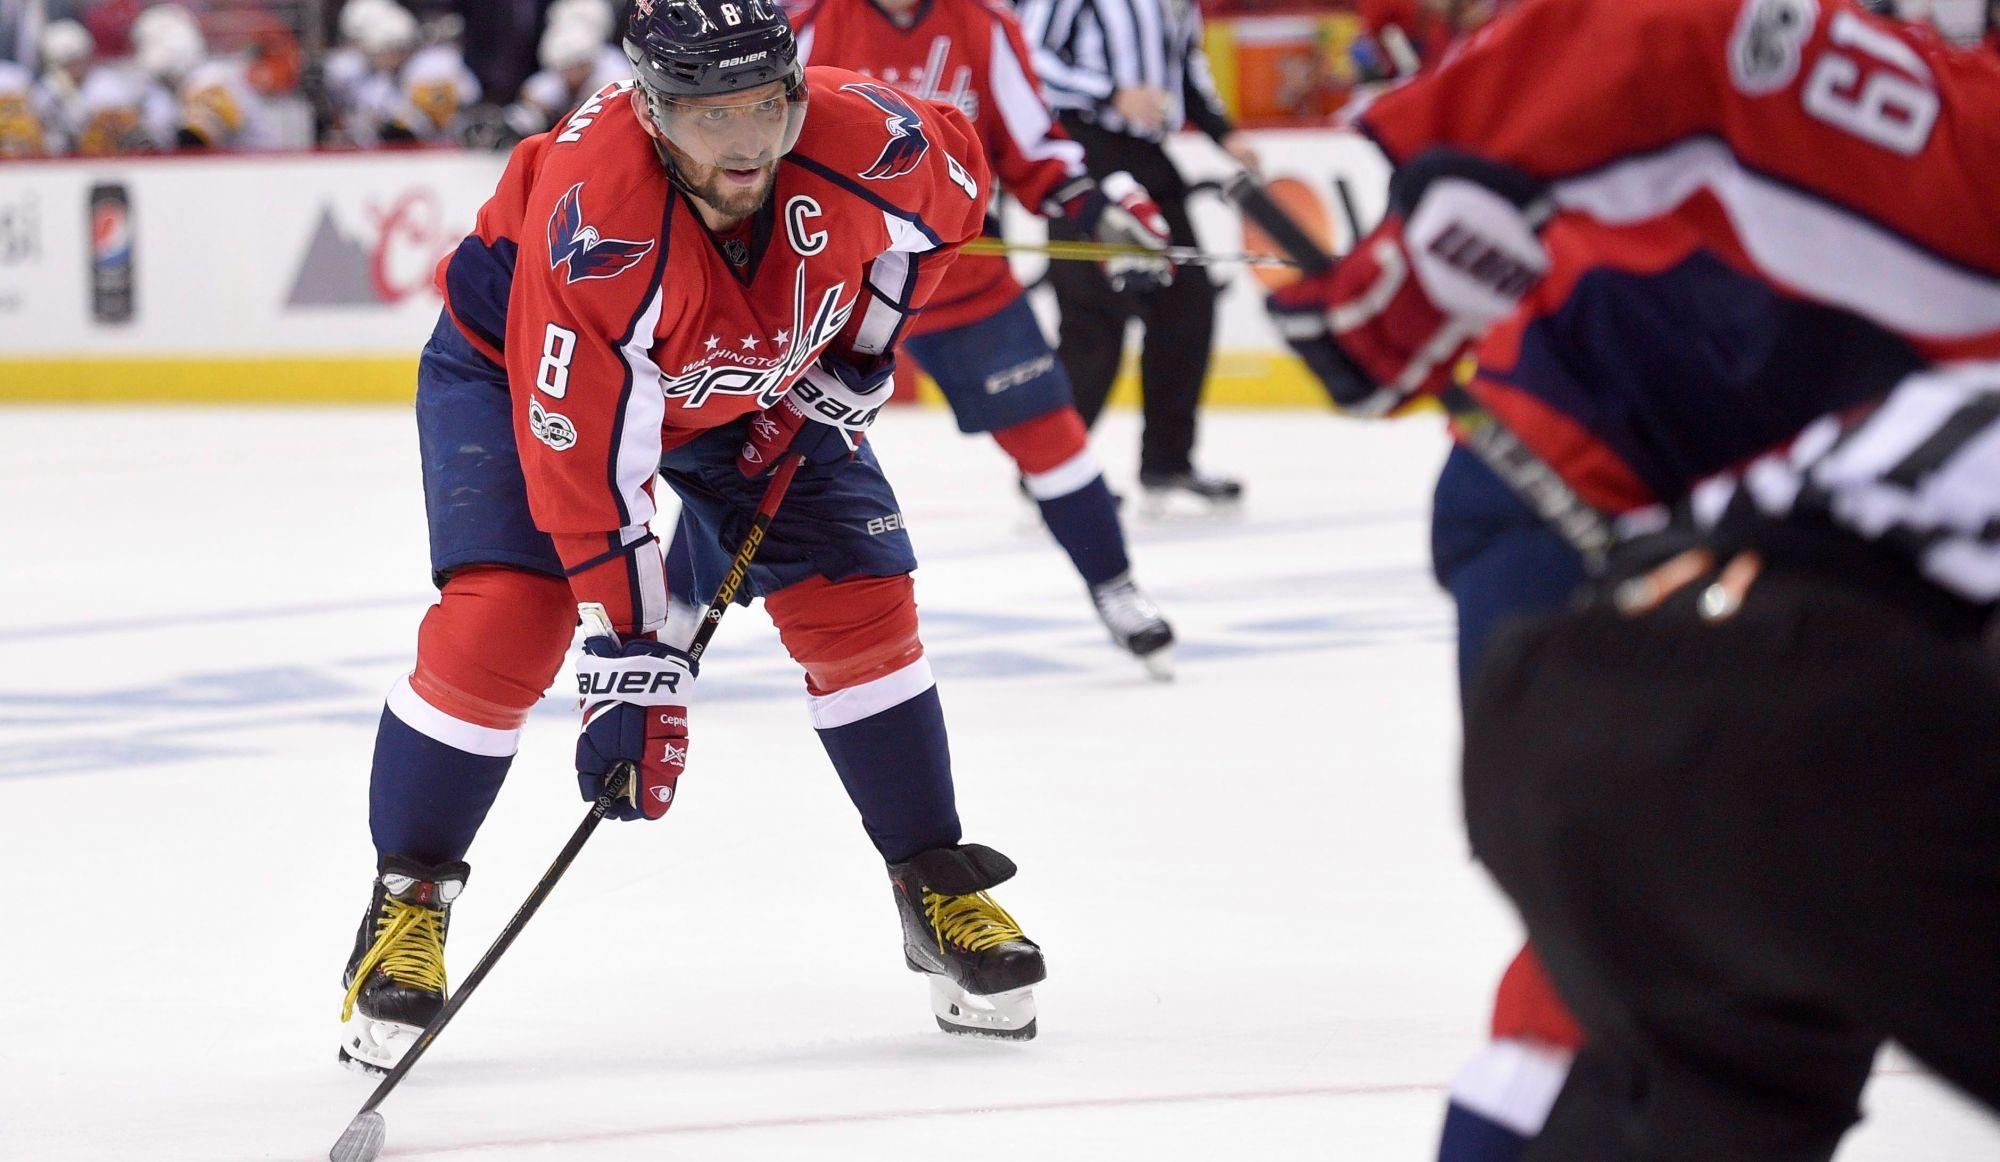 Le défenseur Shea Weber ne participe pas à l'entraînement des Canadiens